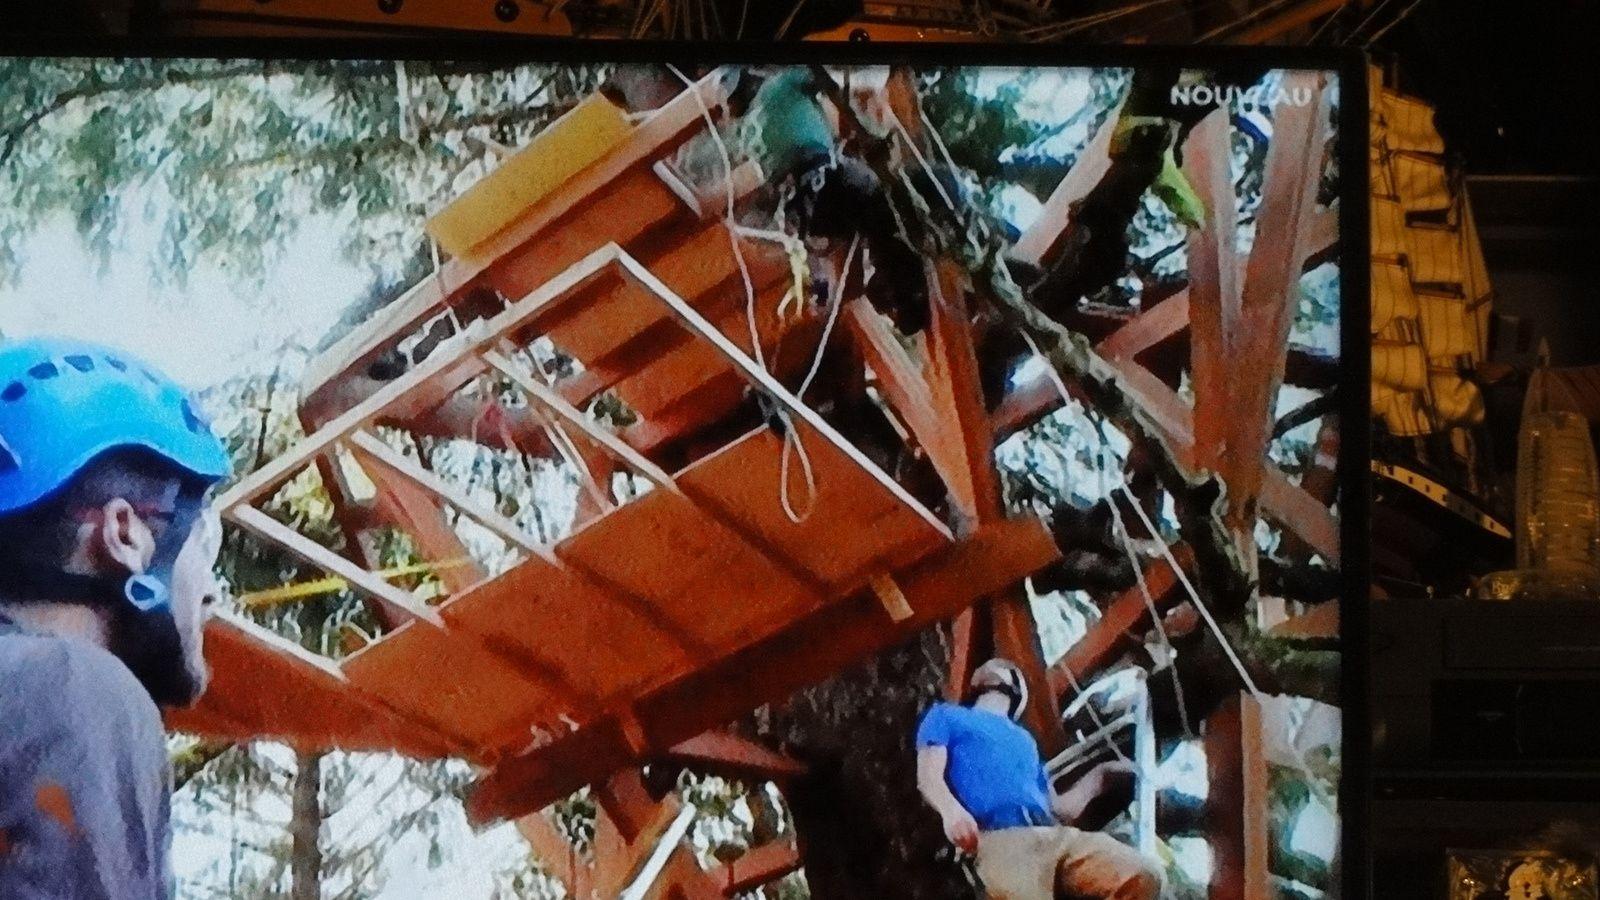 Les cabanes perchées. Constructeur: Pete NELSON U S A